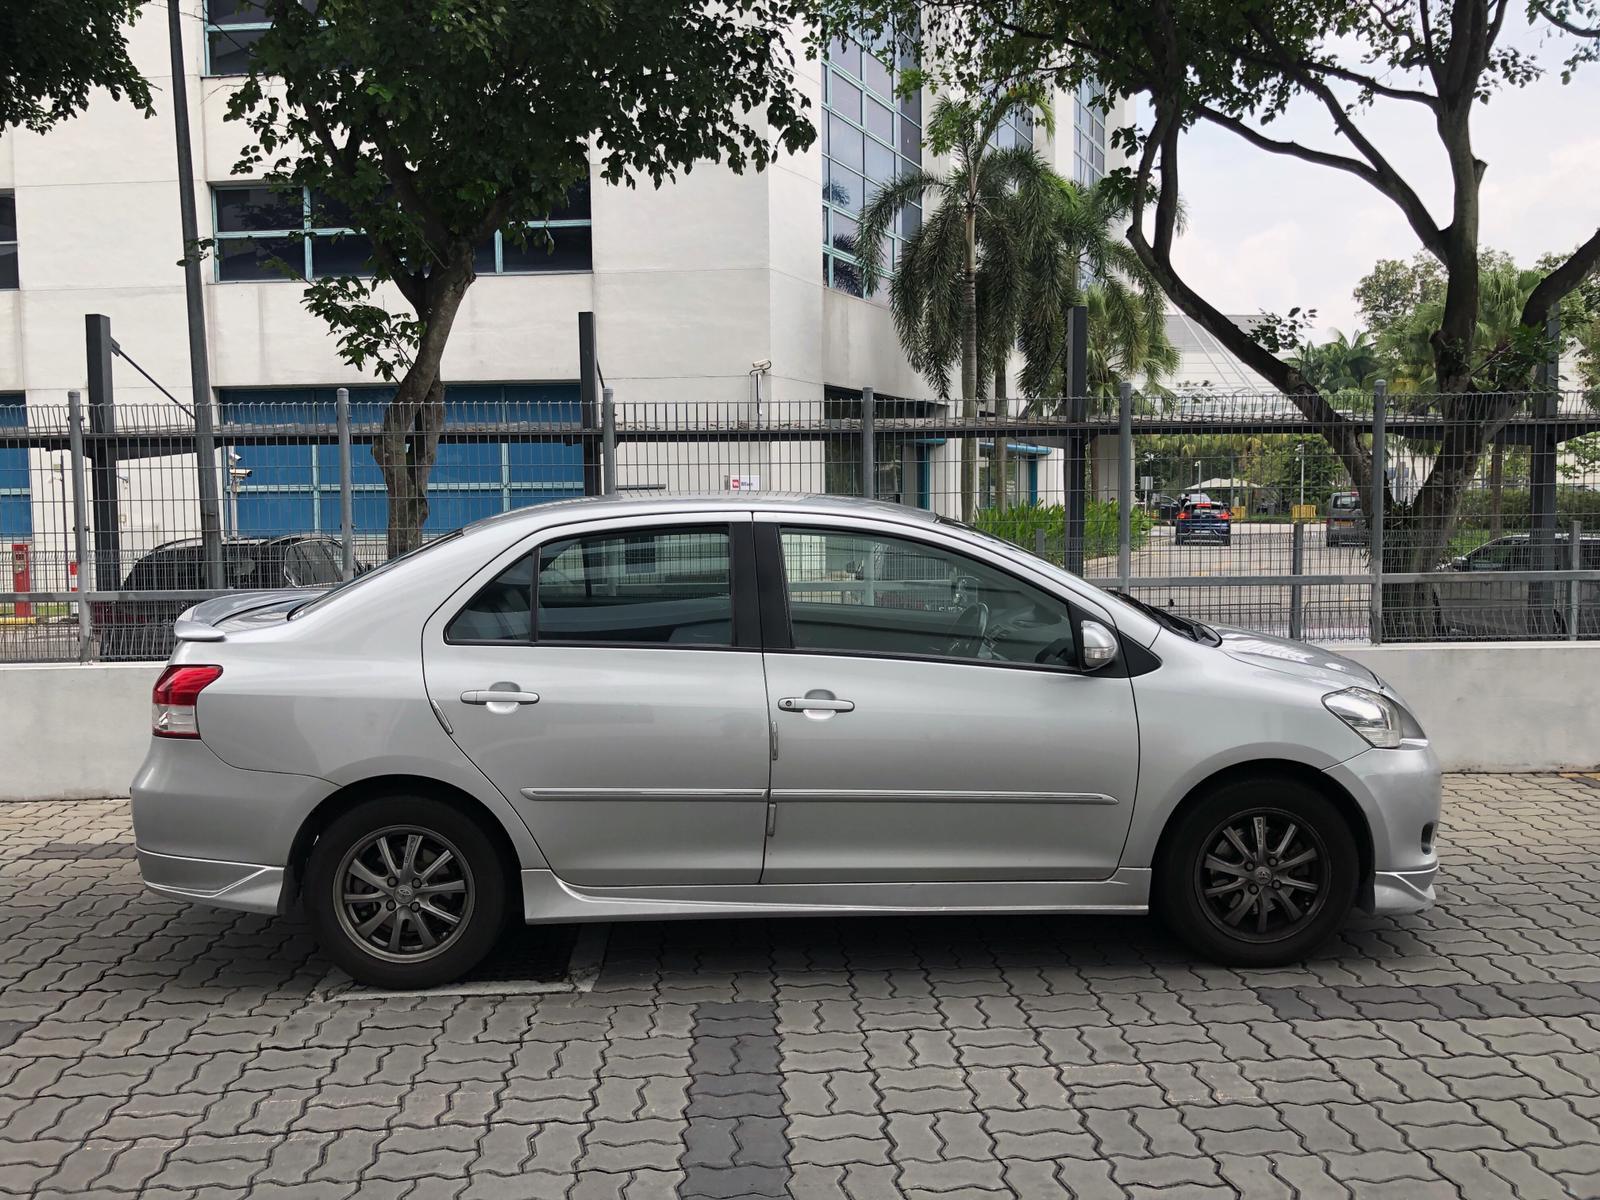 TOYOTA VIOS 1.5a(before gojek rebate) Altis Car AxioCamry HondaStream Civic Cars Hyundai Avante Grab Rental Gojek Or Personal Use Low price and Cheap